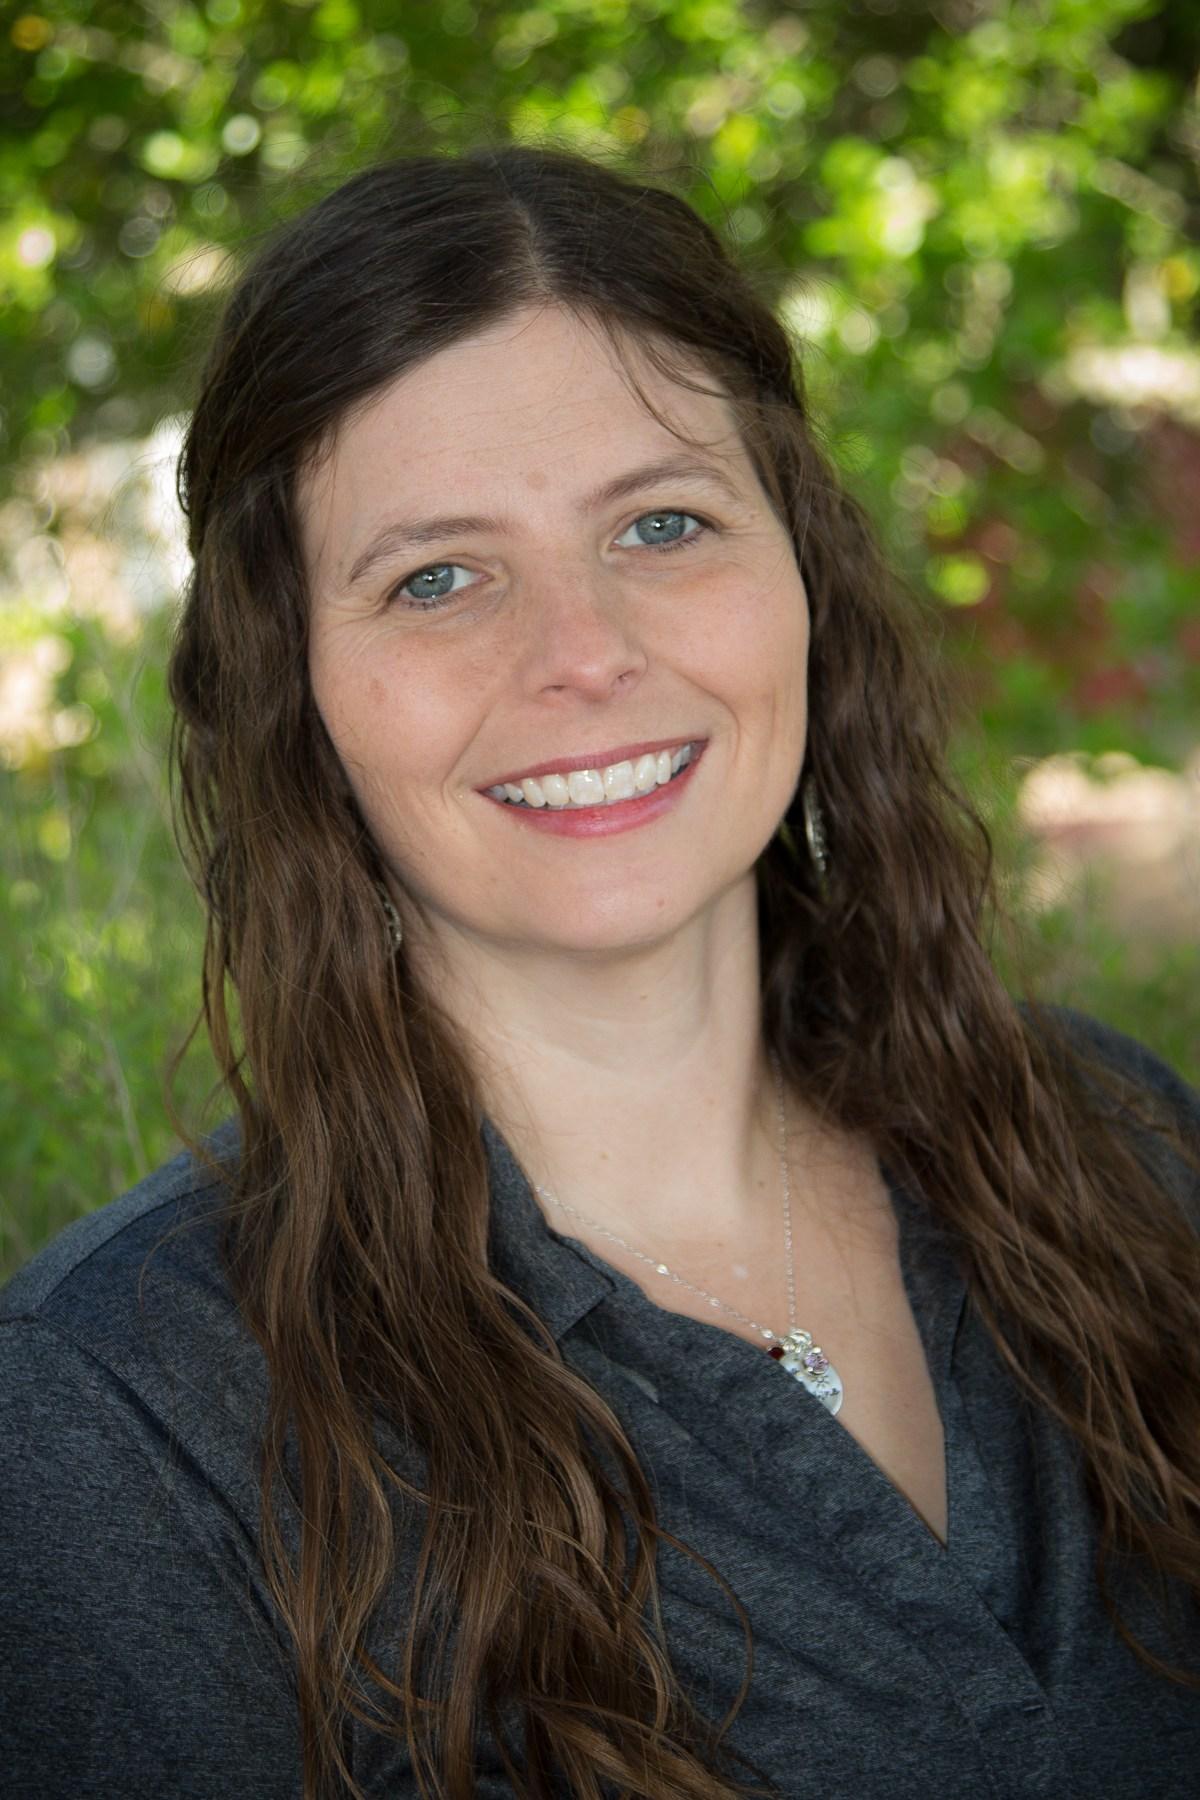 Deana Miller, Elementary Counselor